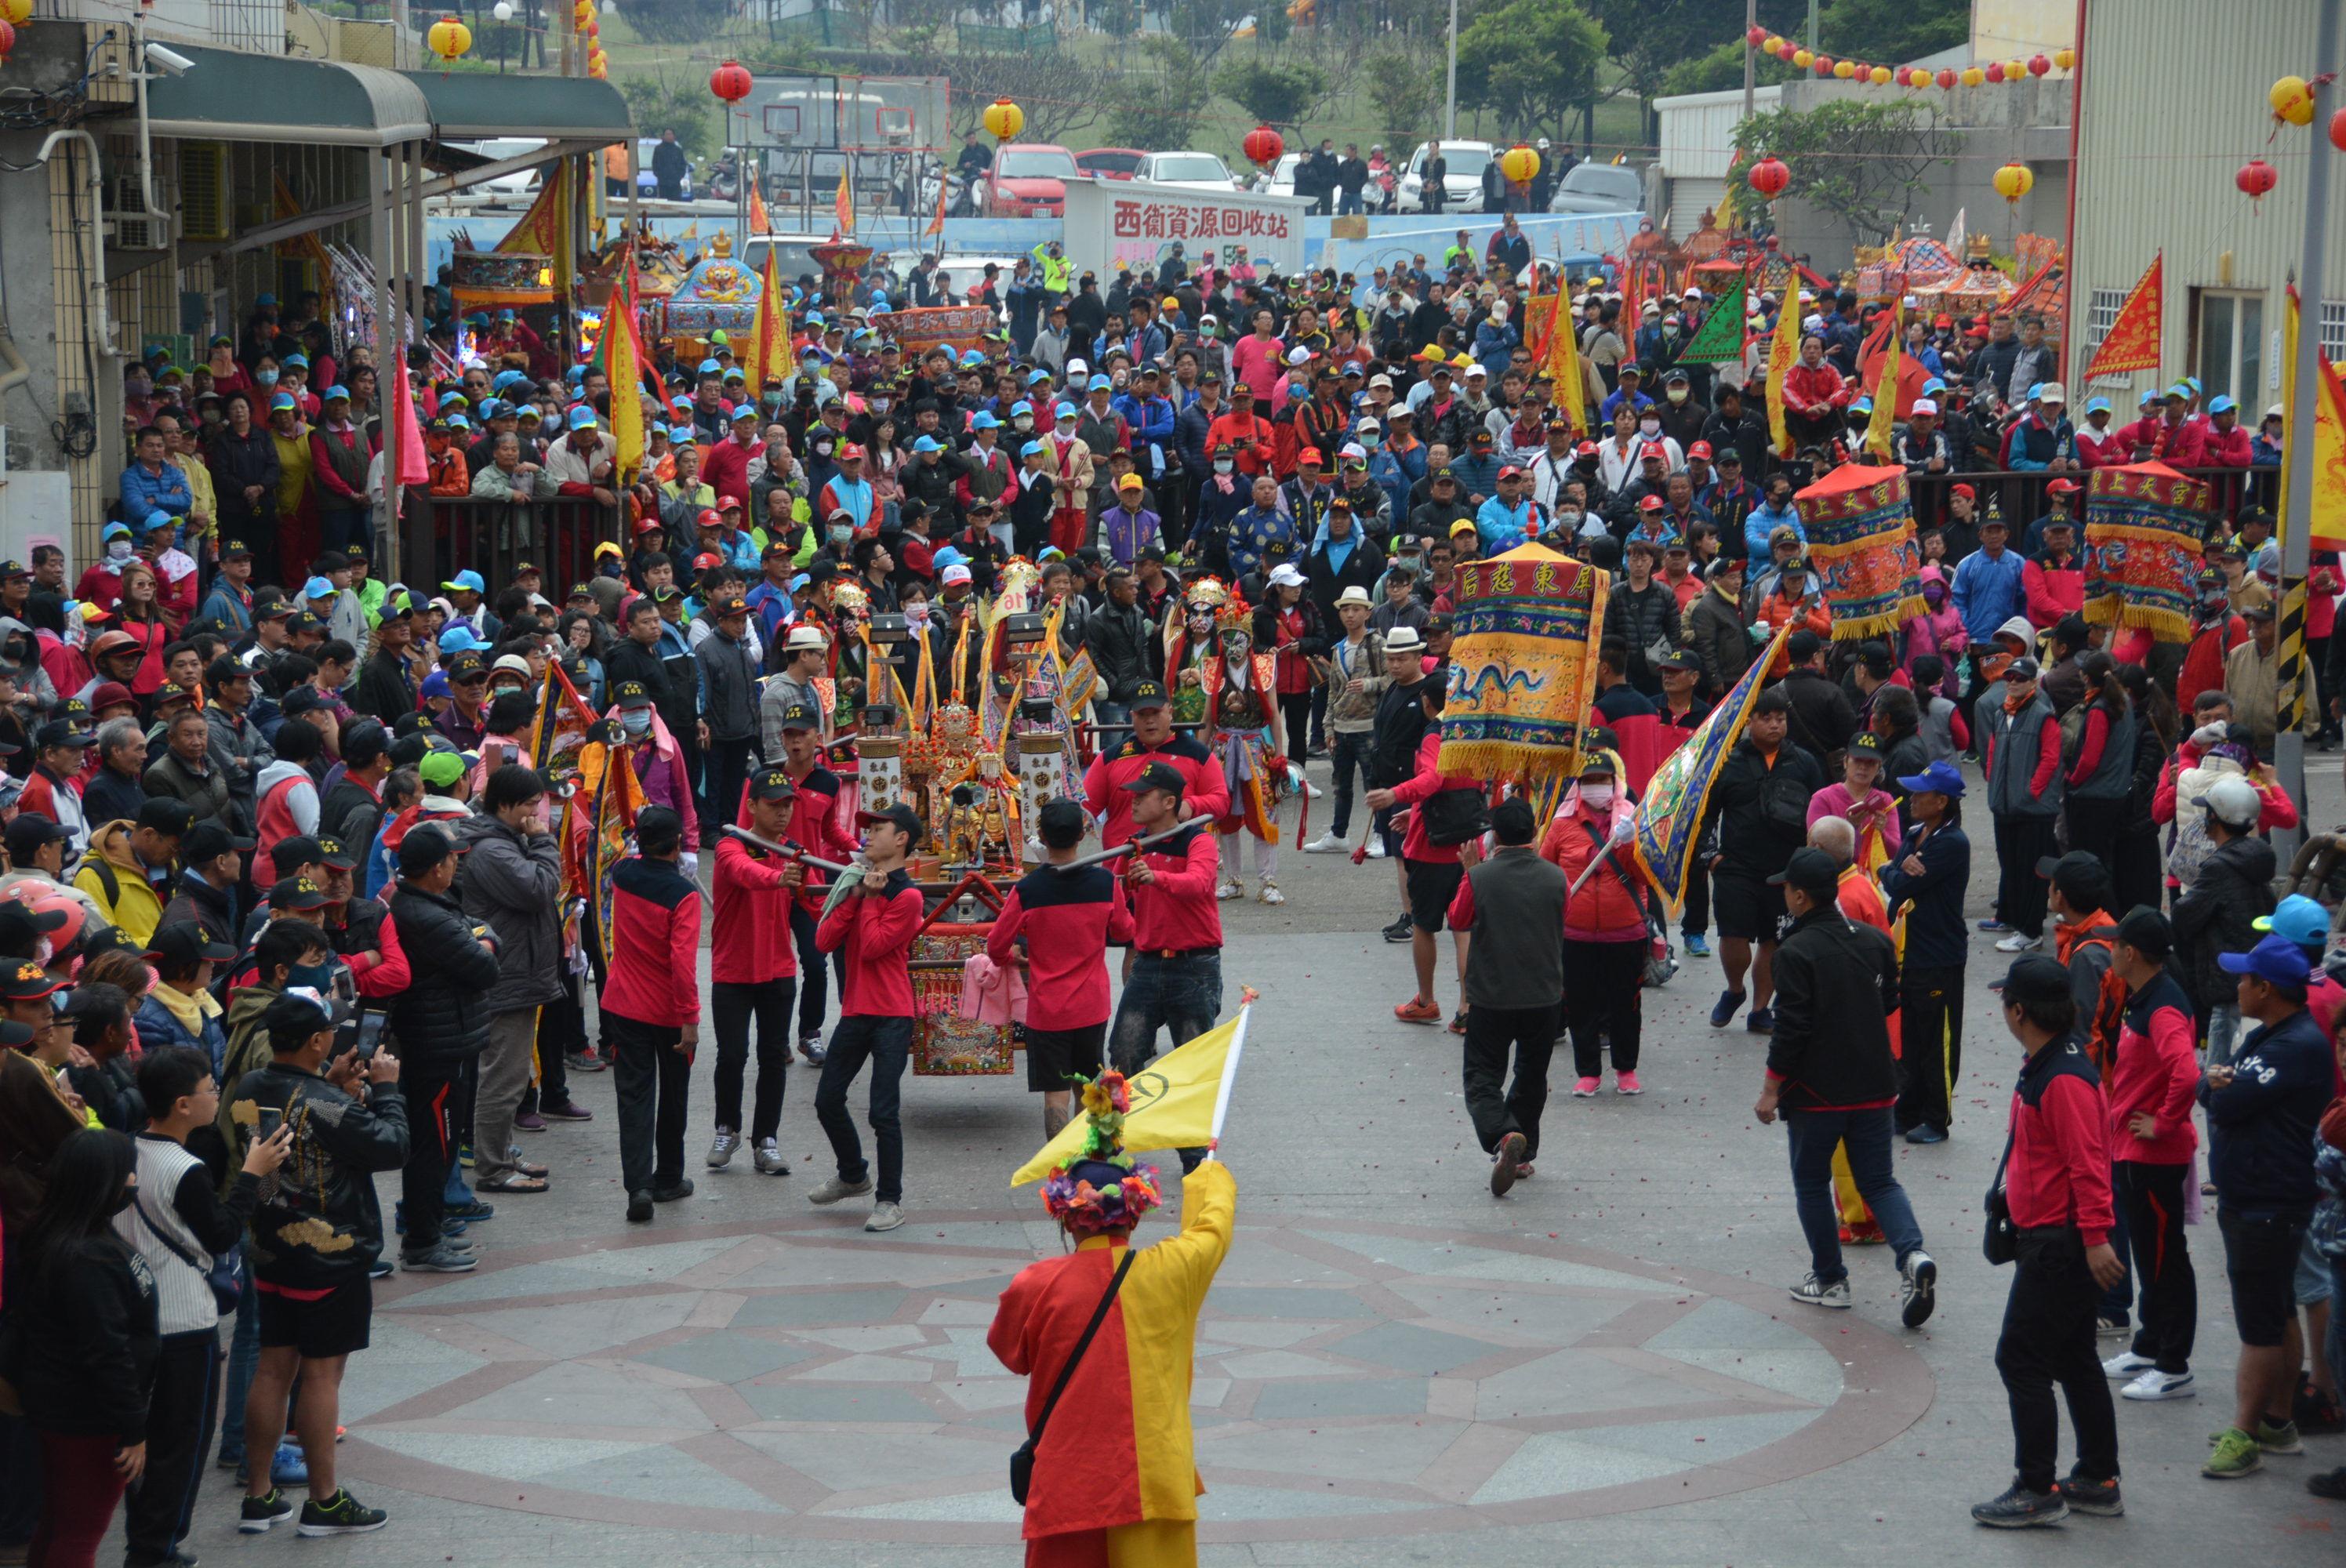 防大型活動群聚感染  賴縣長呼籲全縣各廟宇慶典活動延期